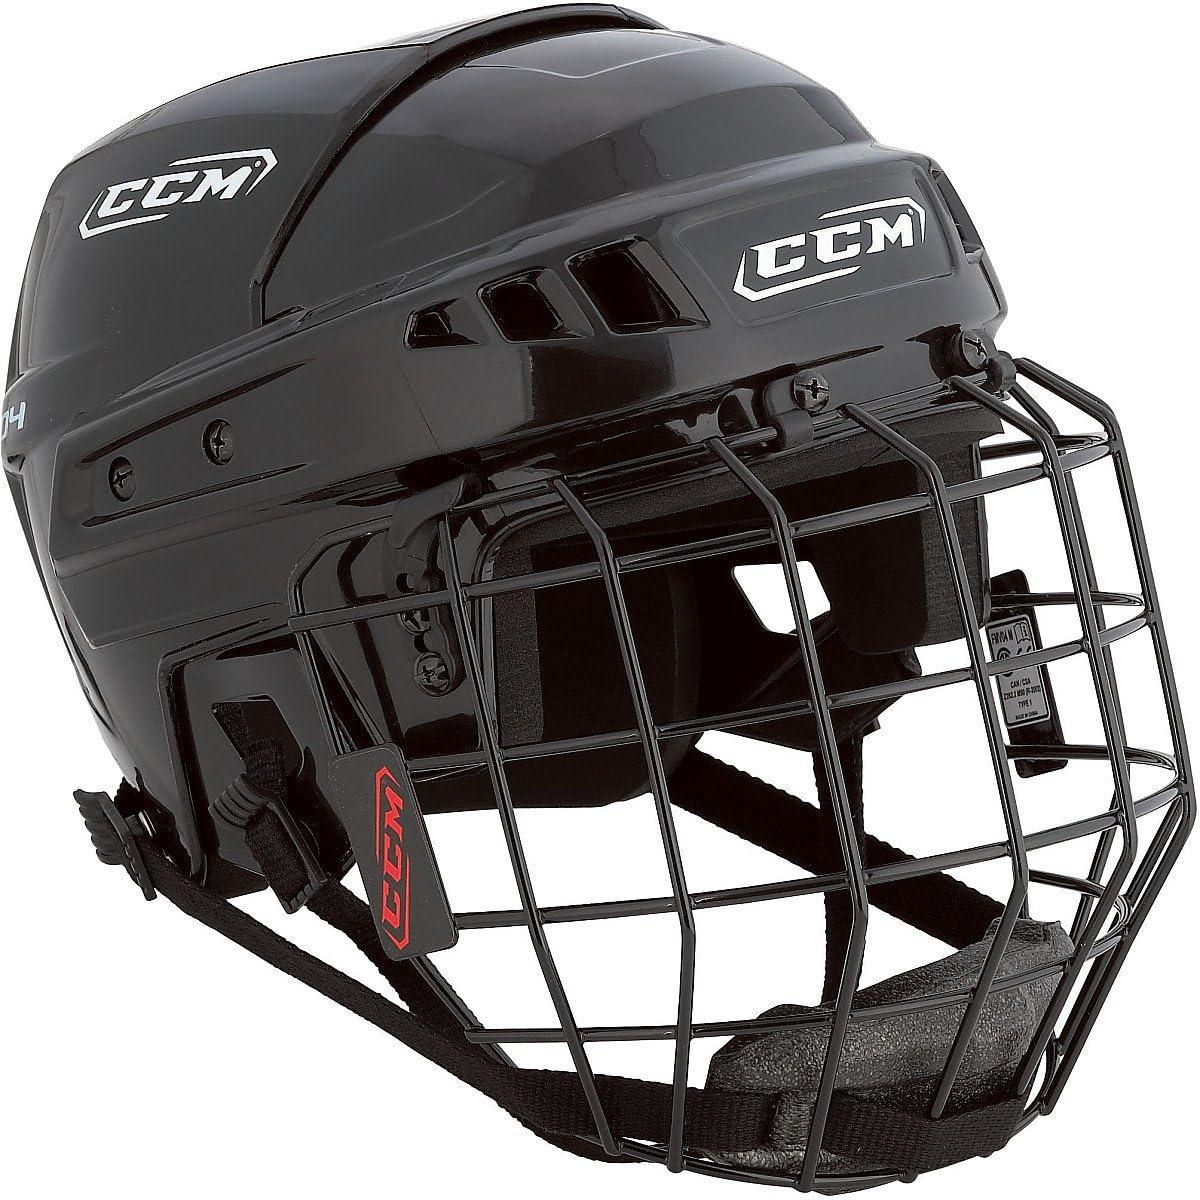 CCM Vector V08 Hockey Helmet 2010